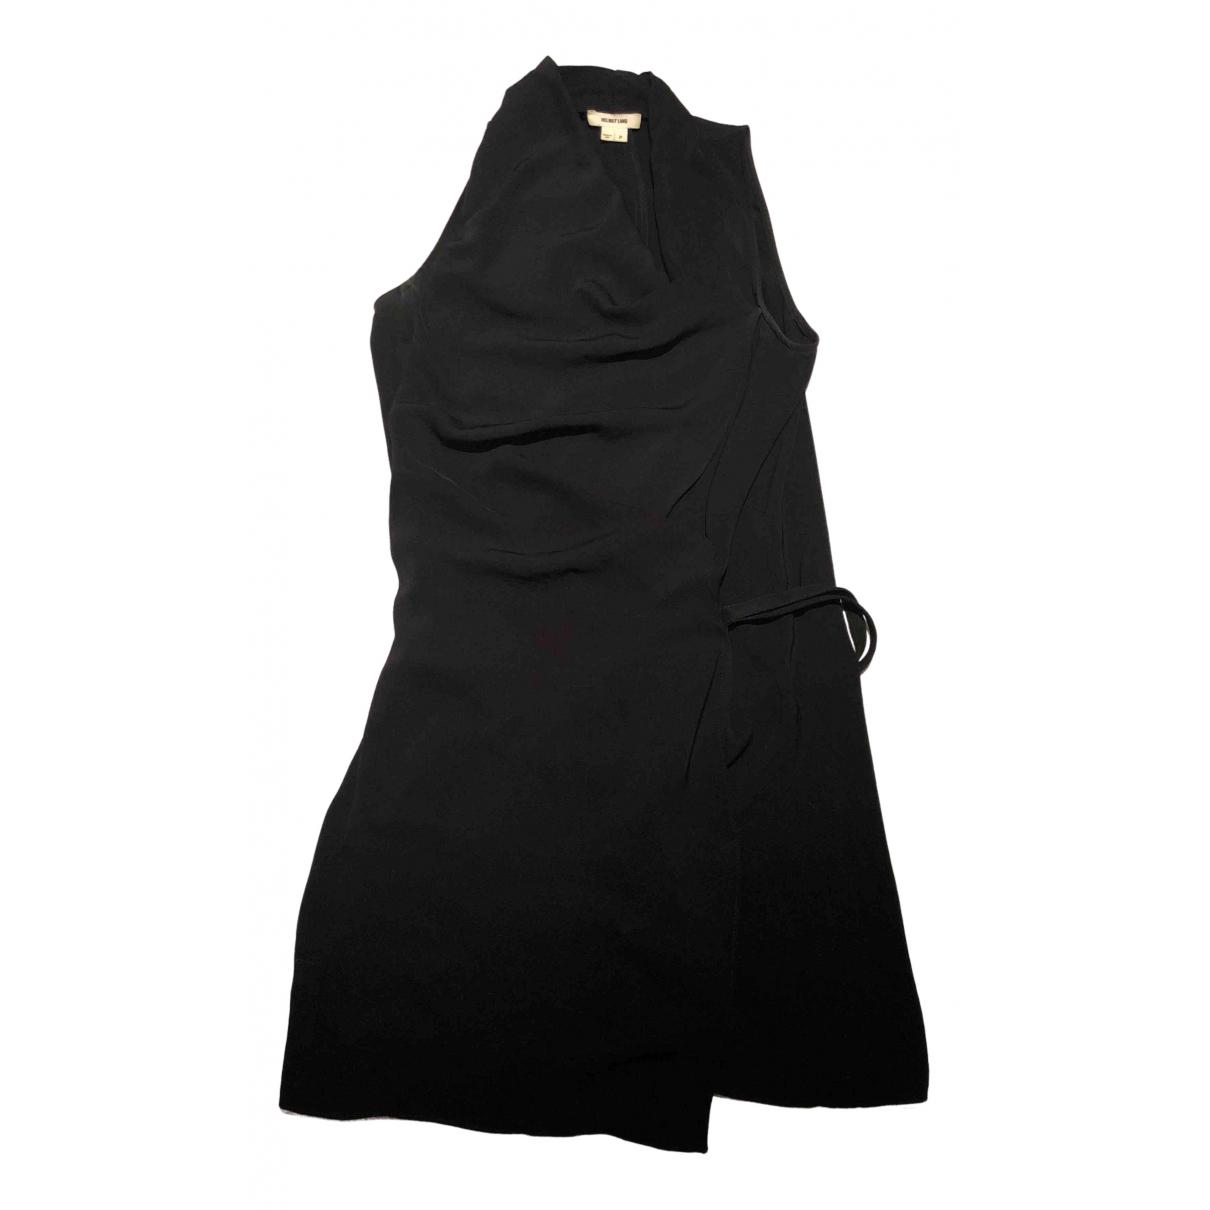 Helmut Lang \N Kleid in  Schwarz Polyester